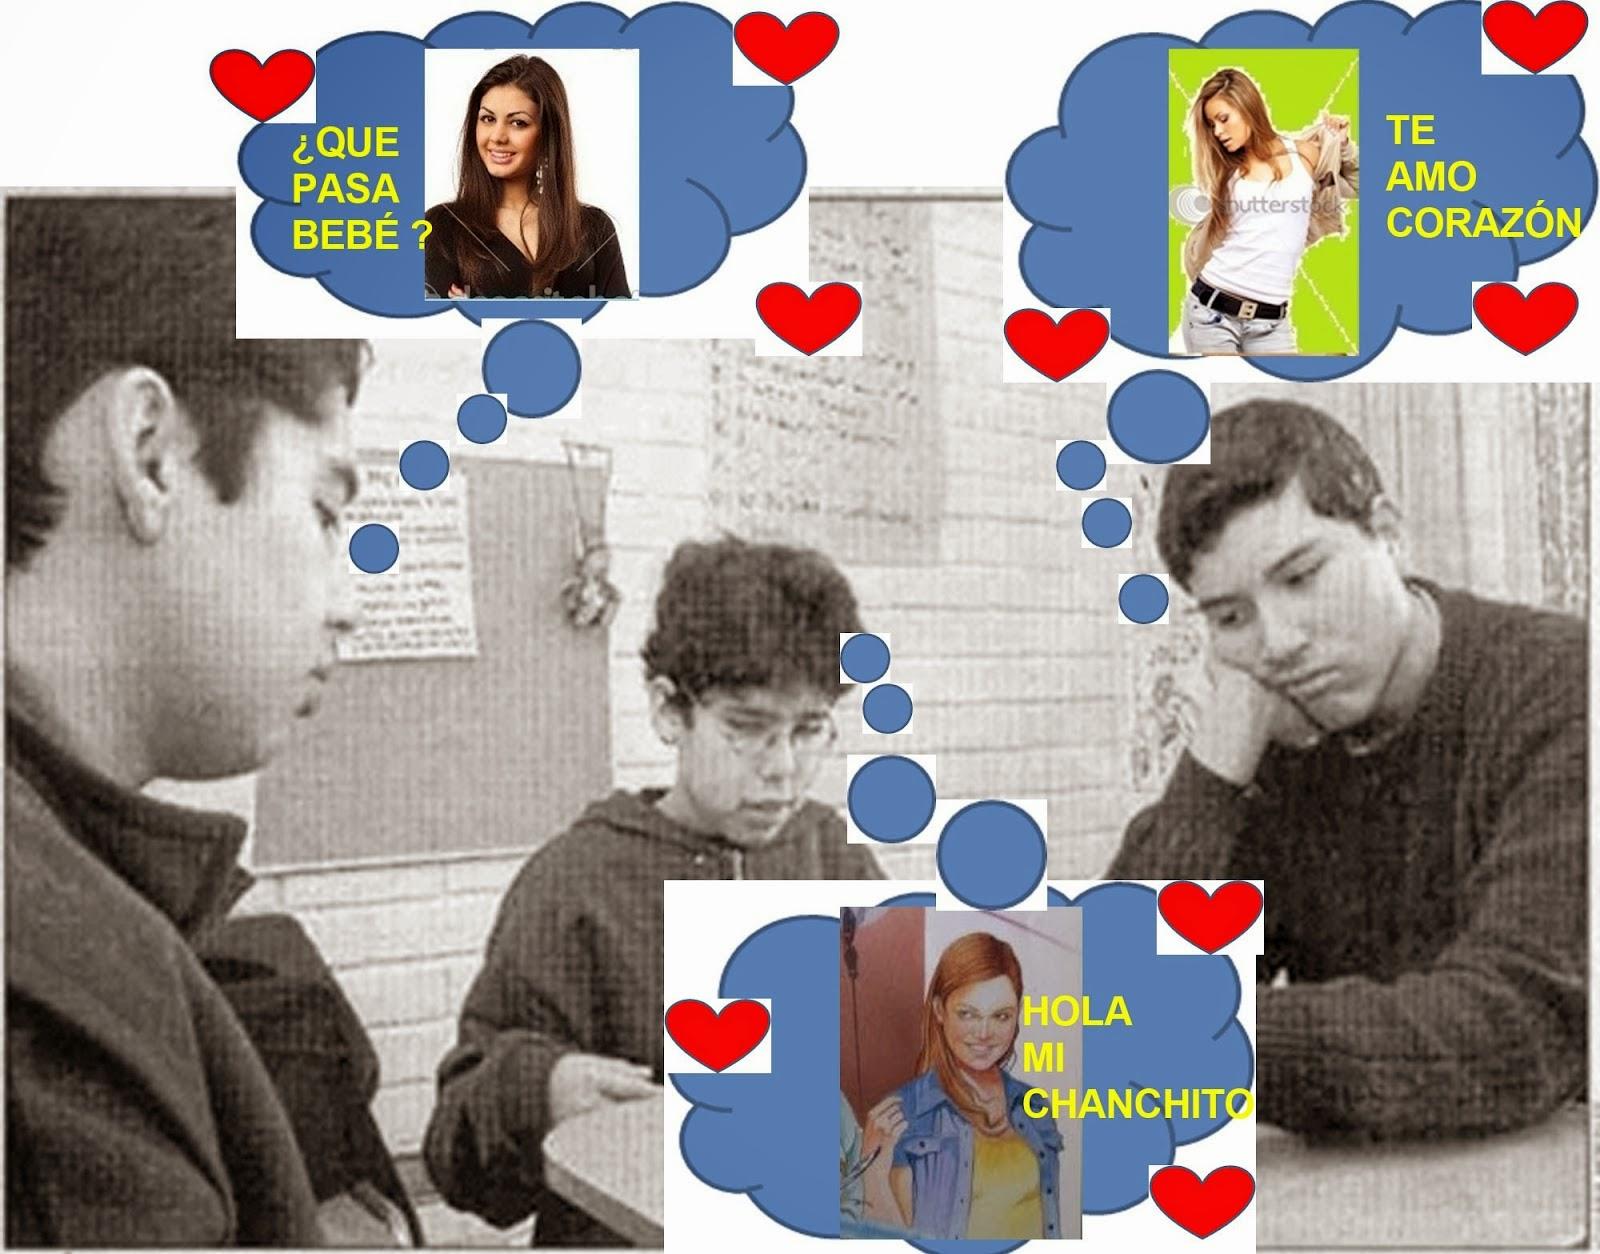 El Sindrome de Asperger y su dificultad para tener PAREJA  (3 COMENTARIOS) - ¡Click aqui!